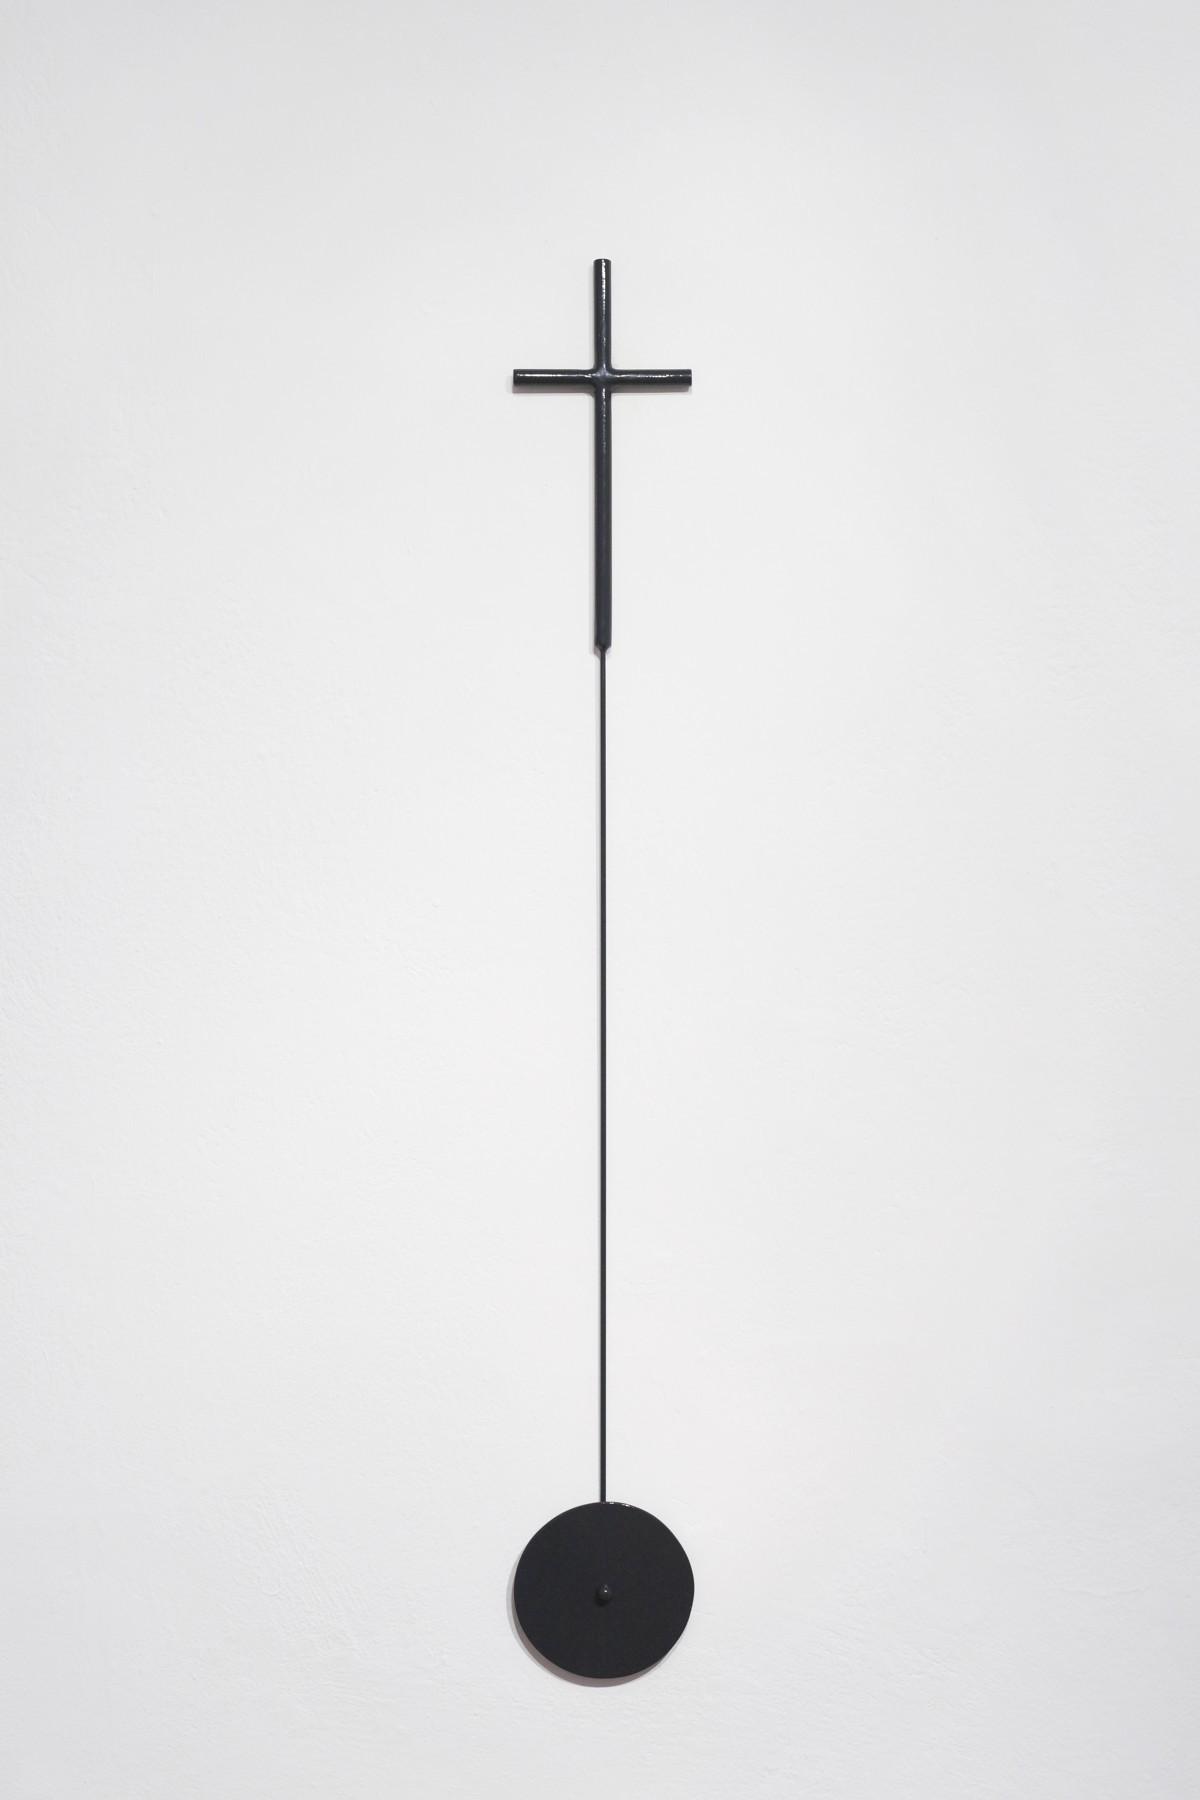 Krystian Truth Czaplicki, Krzyż nadrogę, 2013. Stal malowana proszkowo